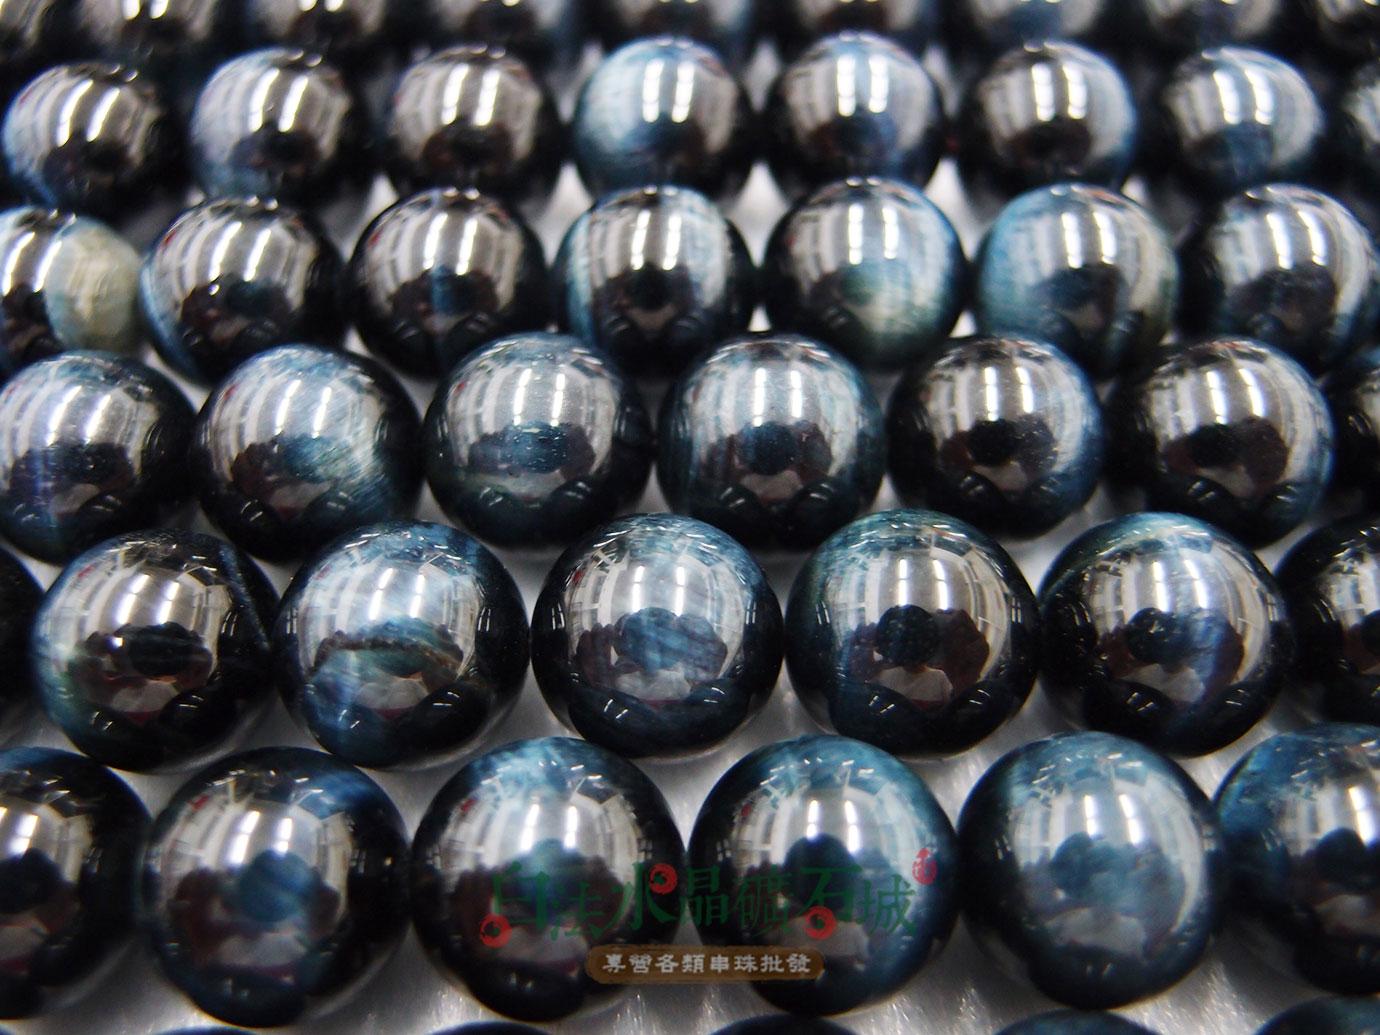 白法水晶礦石城 南非 天然-虎眼石-藍色 12mm 礦質-漂亮珠子 藍色暈光明顯- 串珠/條珠 首飾材料